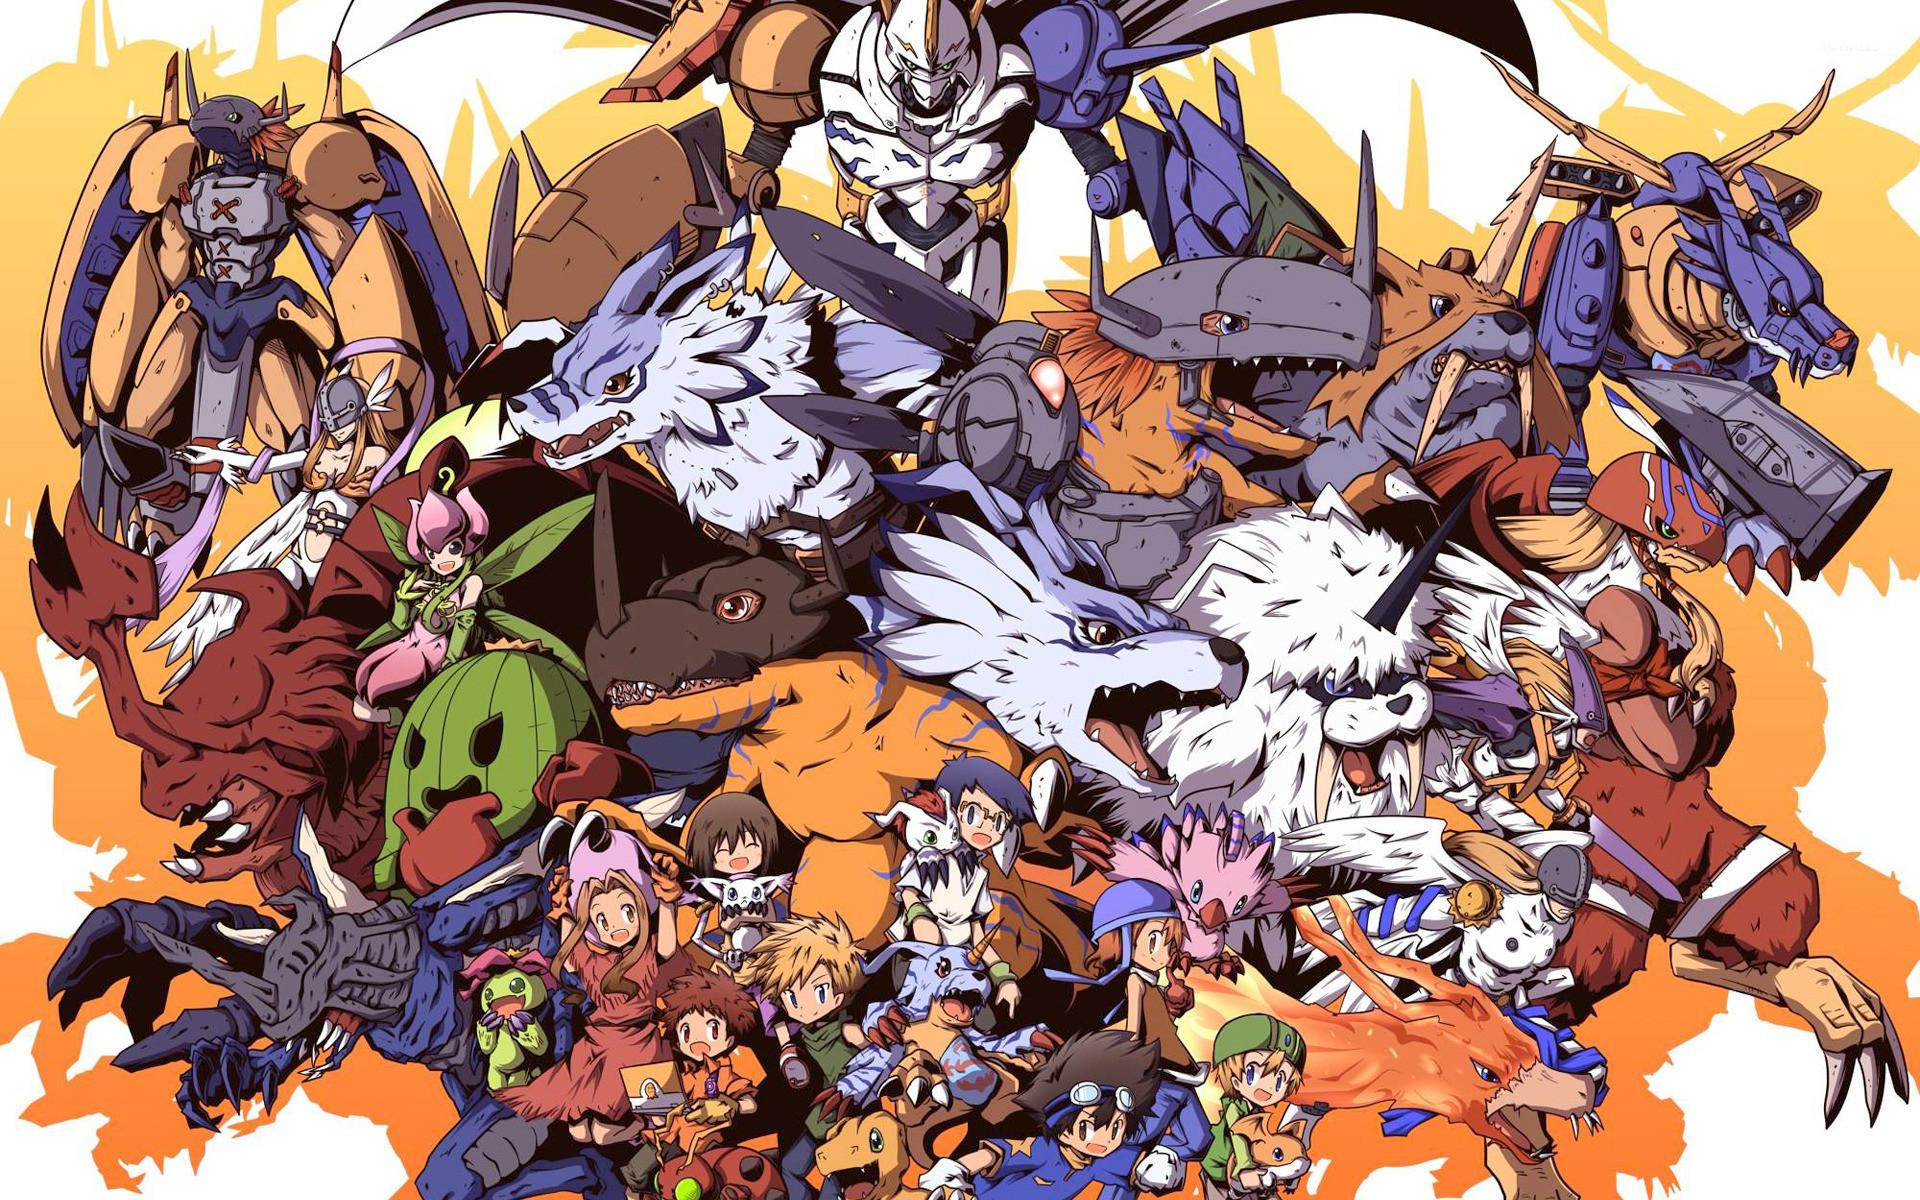 Digimon wallpaper jpg